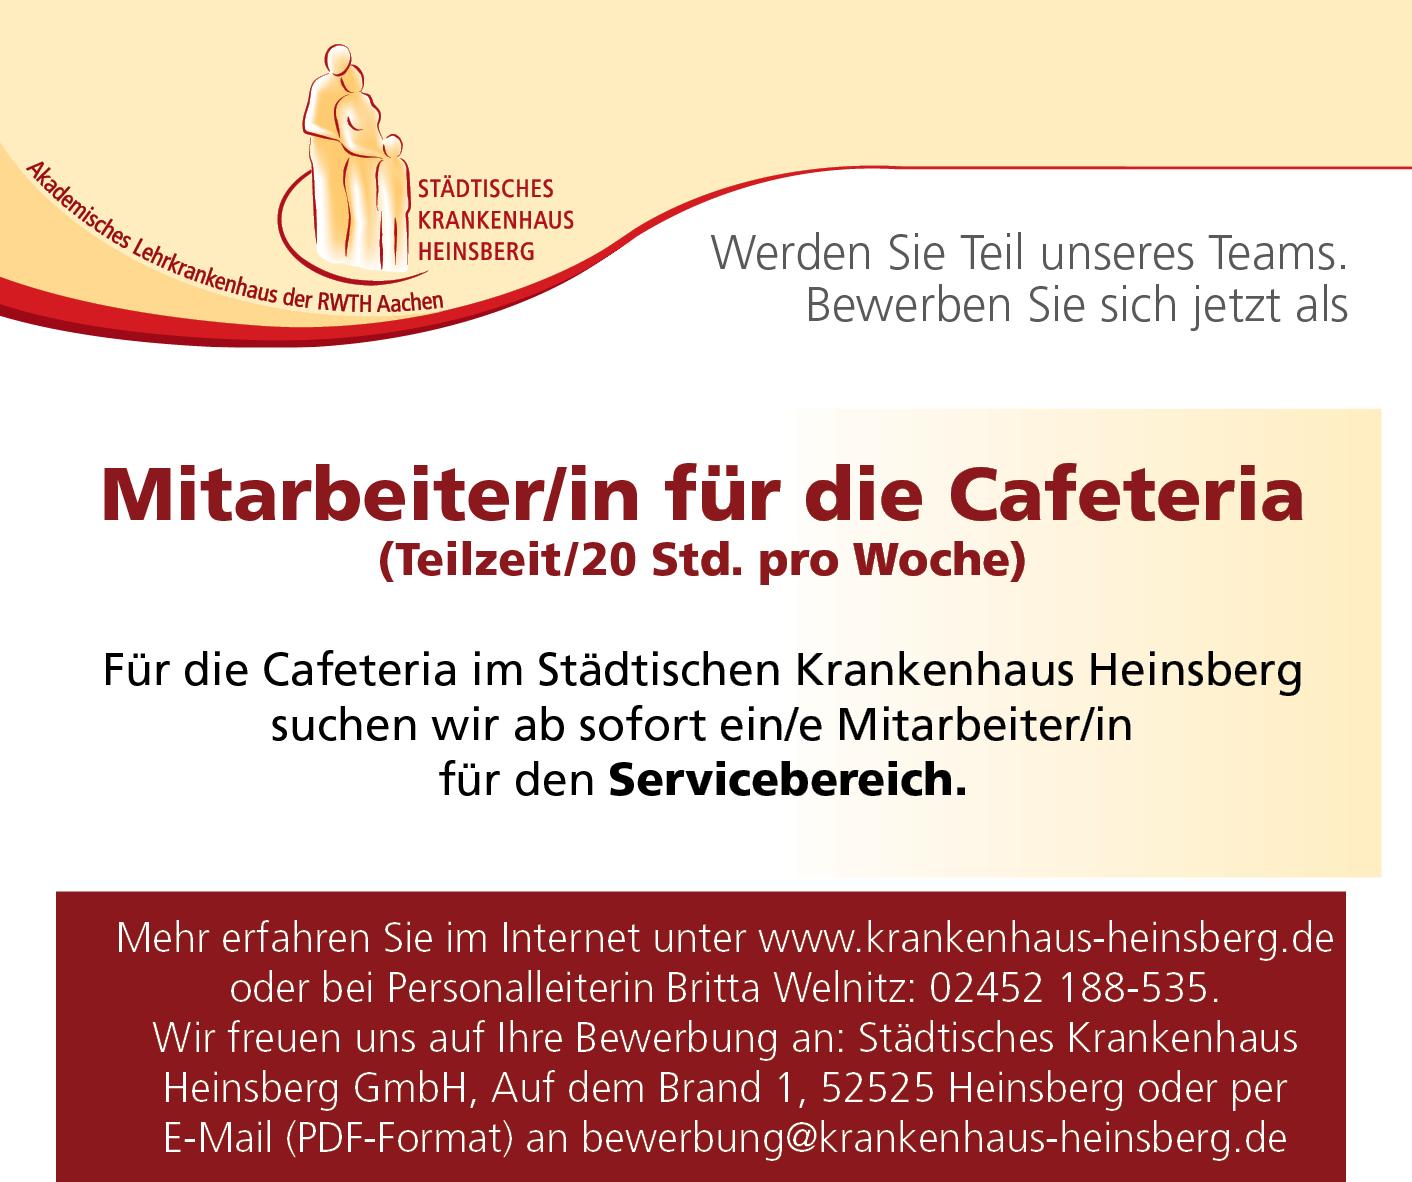 Anzeige_fb_Cafeteria_Teilzeit